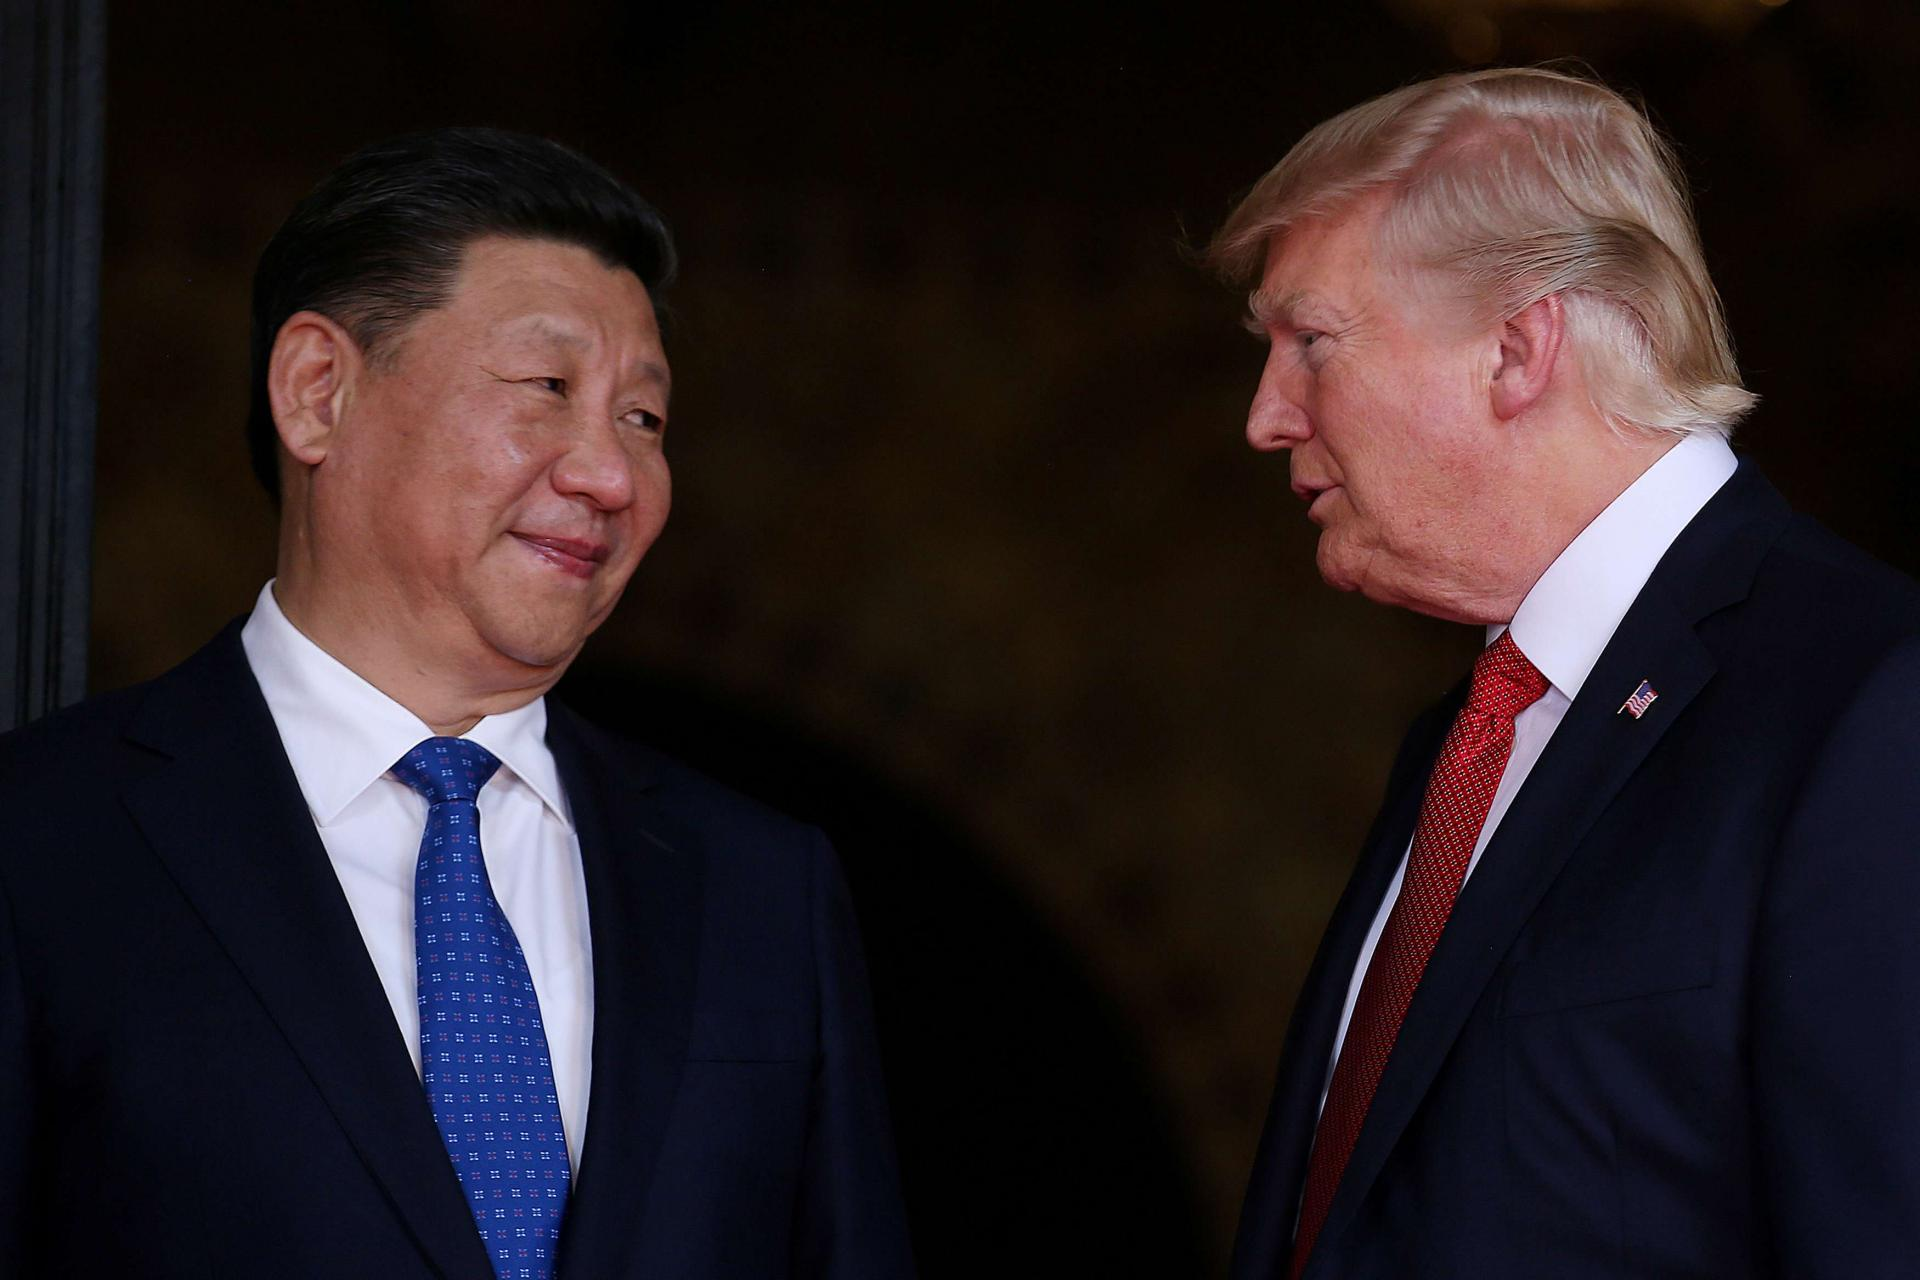 صورة واشنطن تفرض رسوما جديدة على المنتجات الصينية وبكين ترد بإجراء مماثل